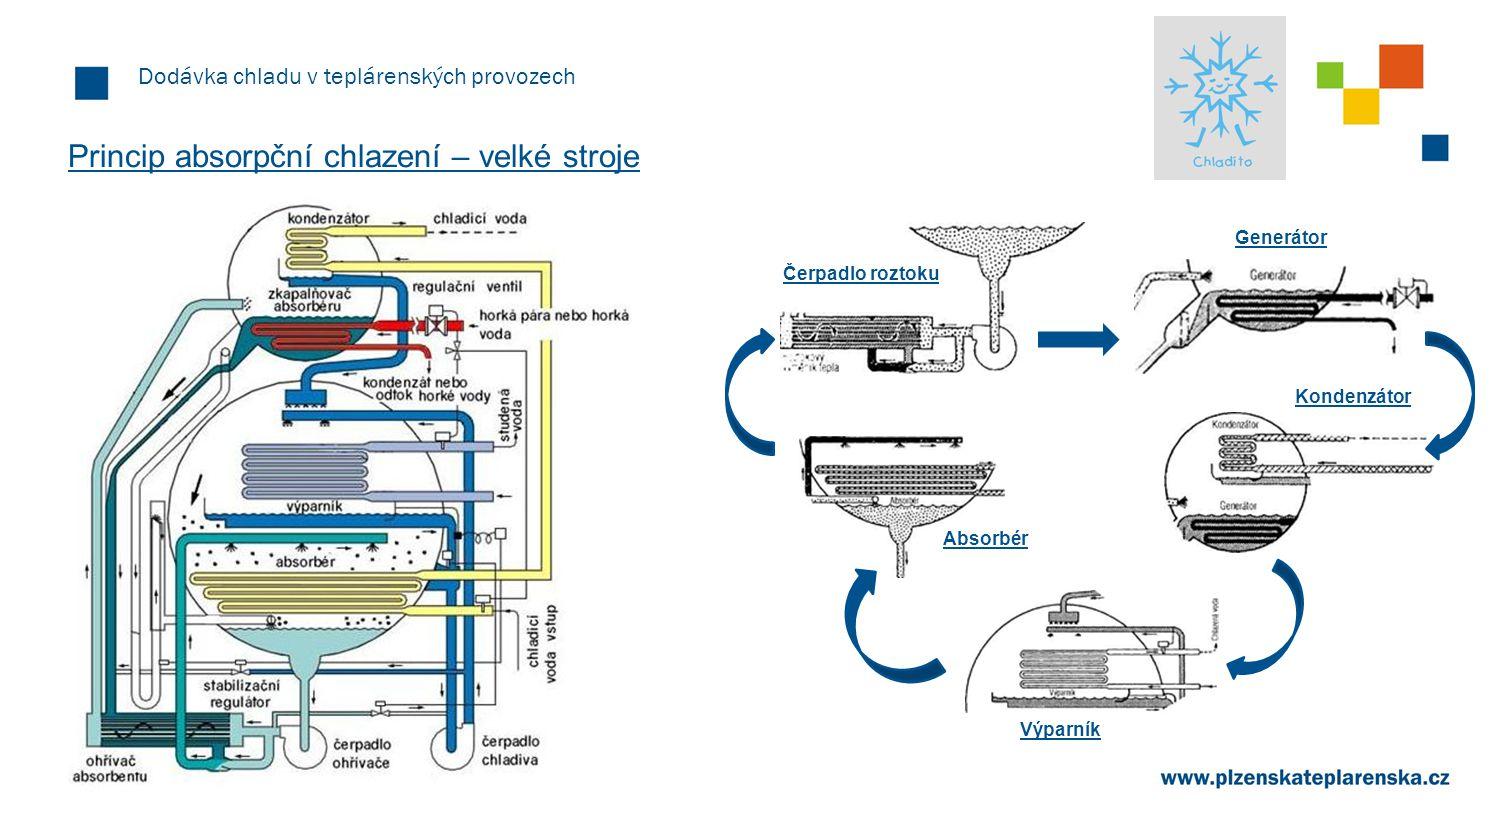 Princip absorpční chlazení – velké stroje